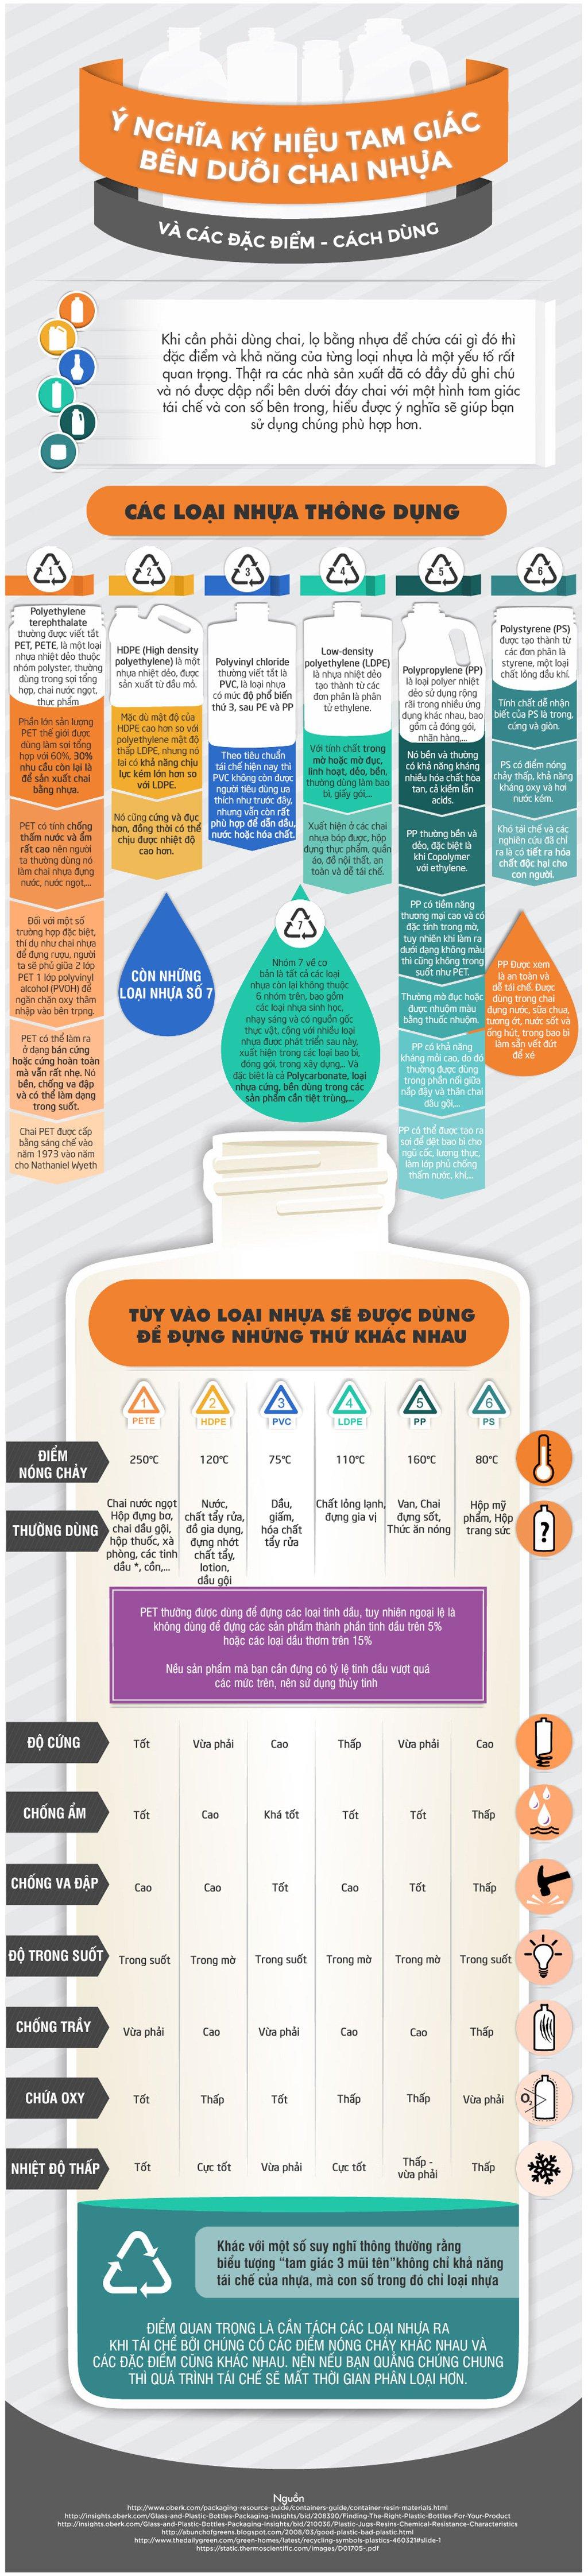 Ý nghĩa các con số ở đáy đồ dùng nhựa (ảnh: tinhte)